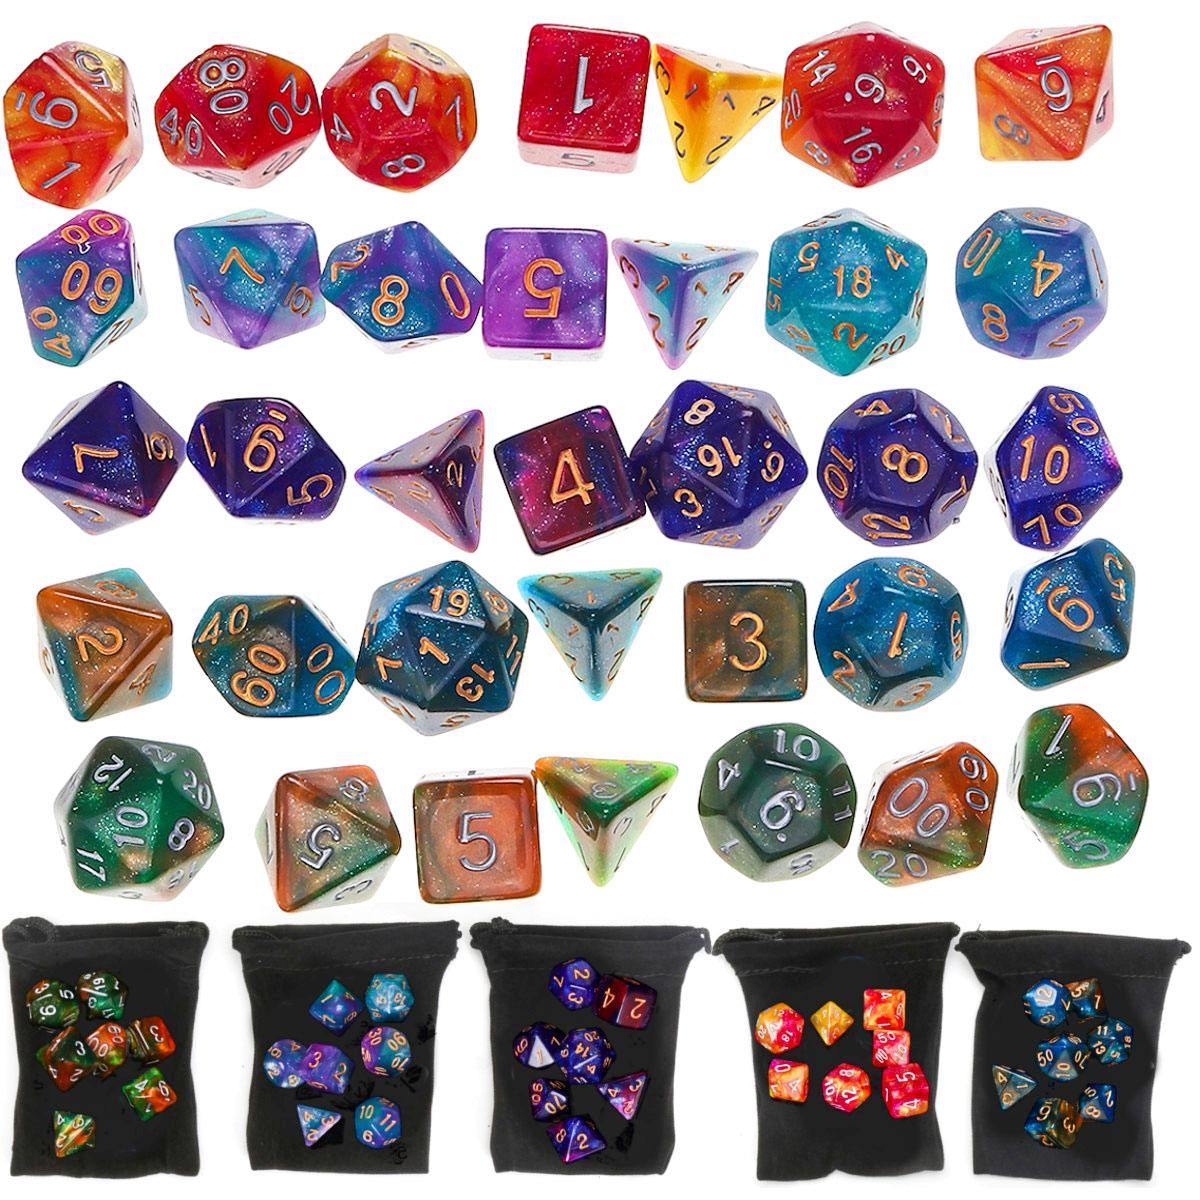 35 шт./компл. Набор кубиков из полигедрала с черной сумкой для хранения для игр D20 D12 D10 D8 D6 D4